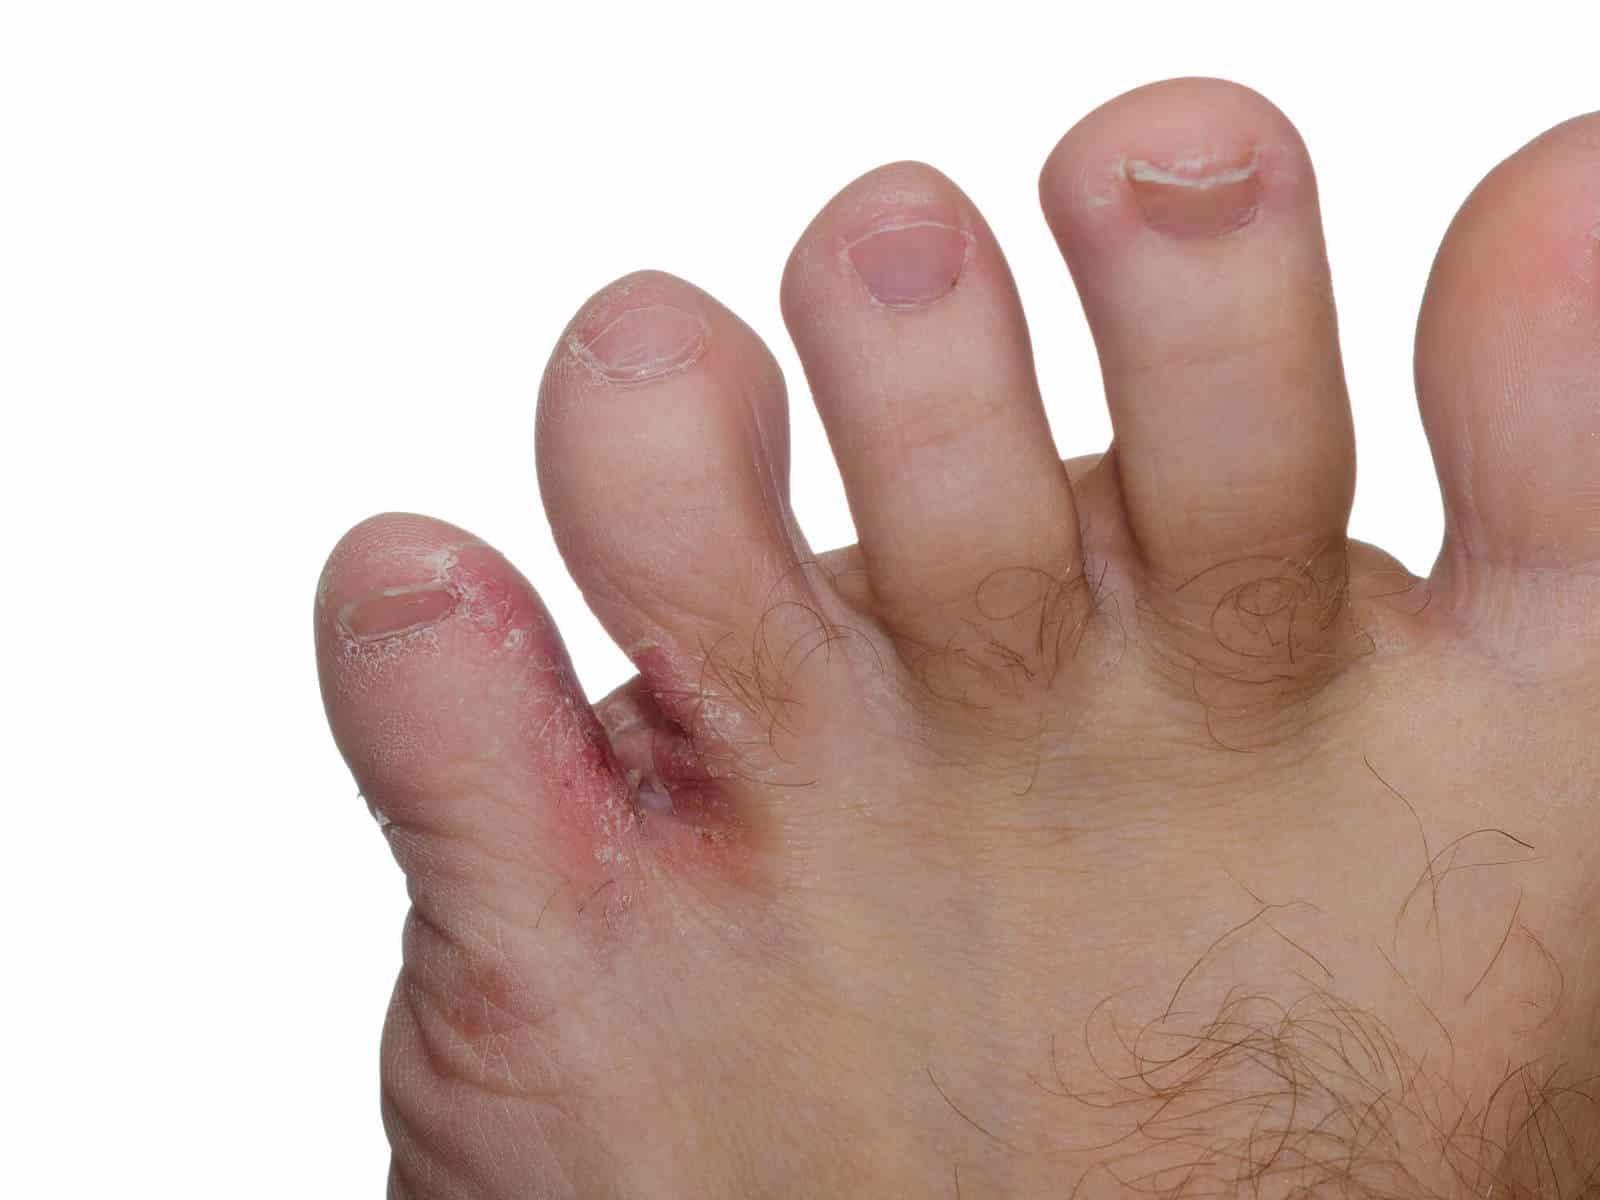 Foot fungus, athlete's foot